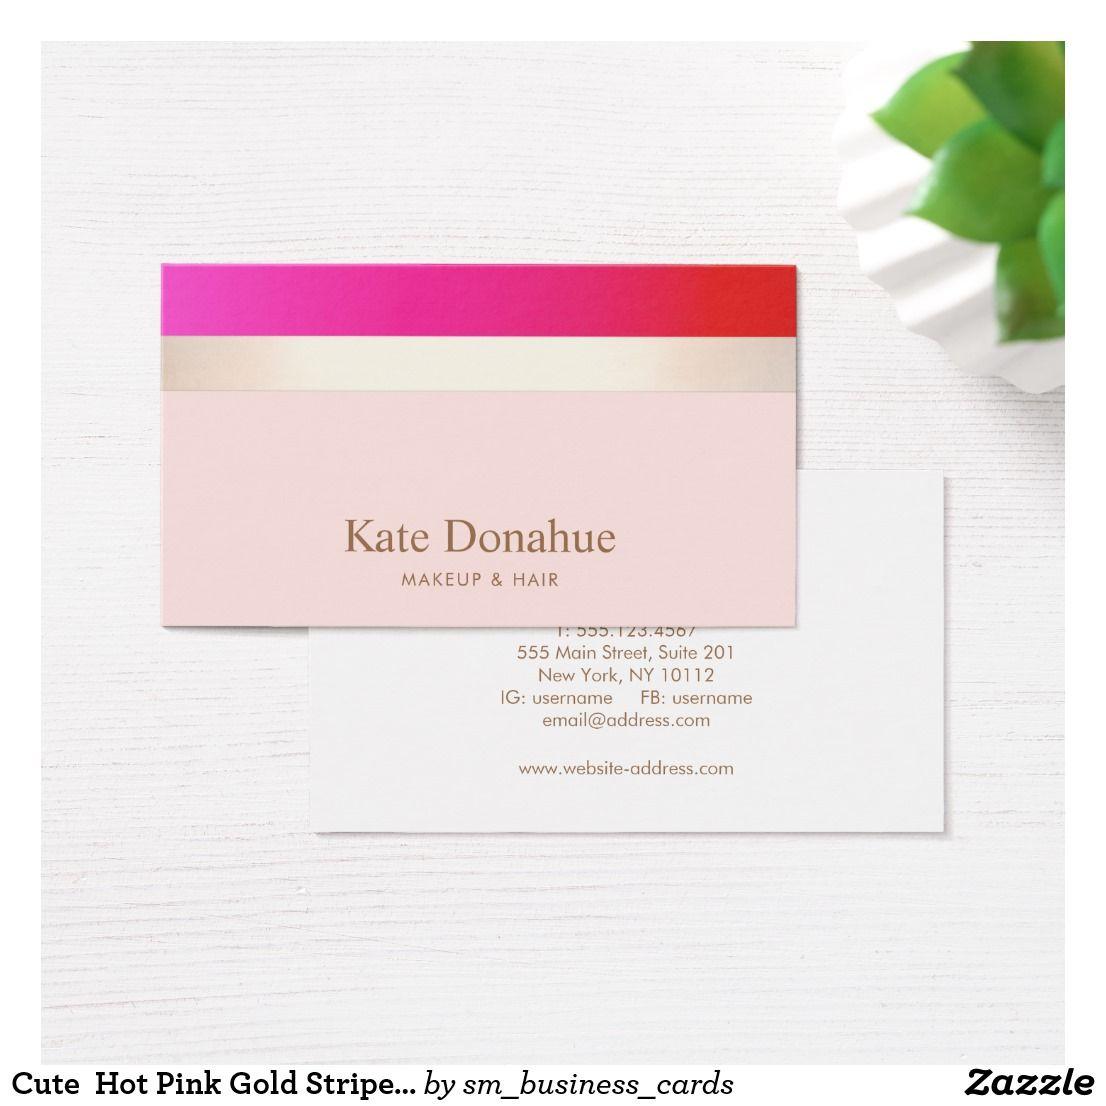 Cute Hot Pink Gold Striped Makeup Artist Business Card   Makeup ...